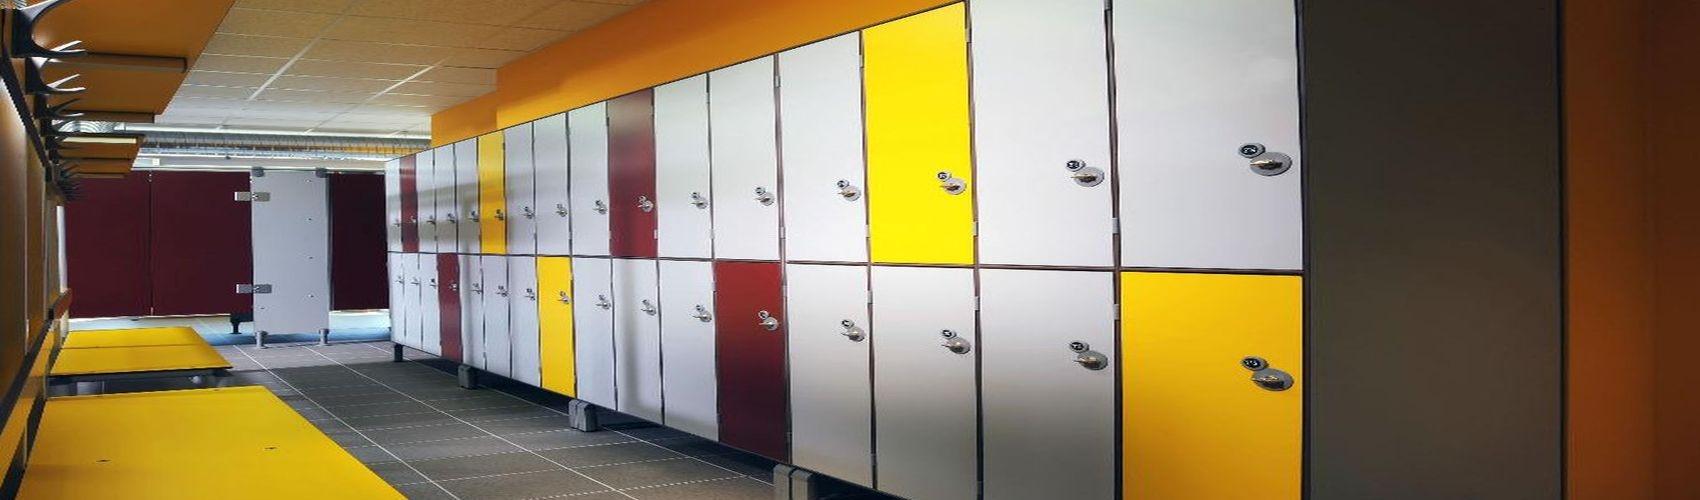 Шкафы в раздевалку